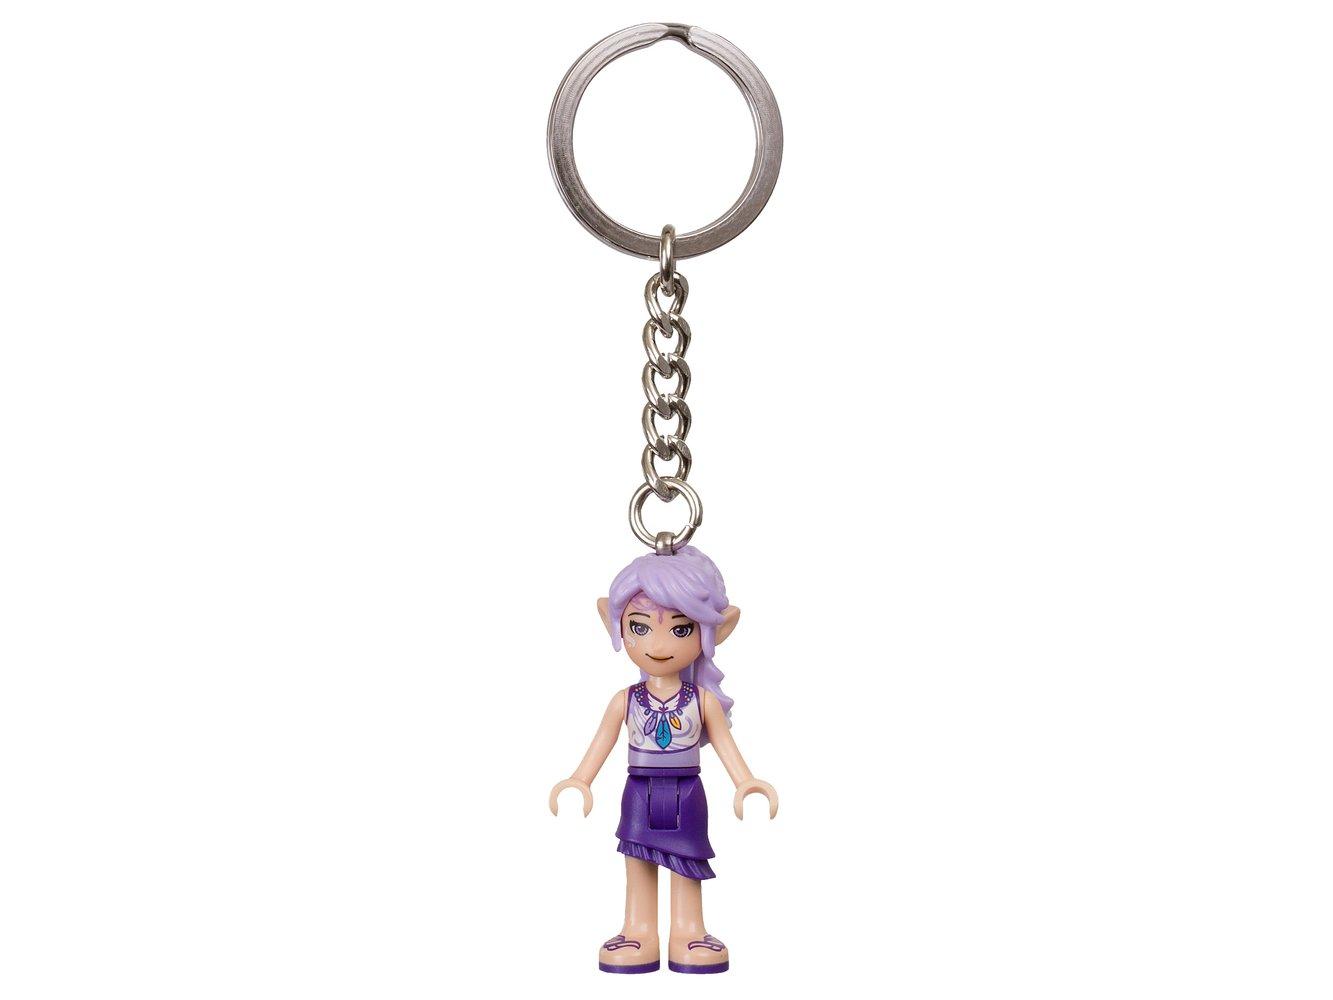 Aira the Wind Elf Key Chain